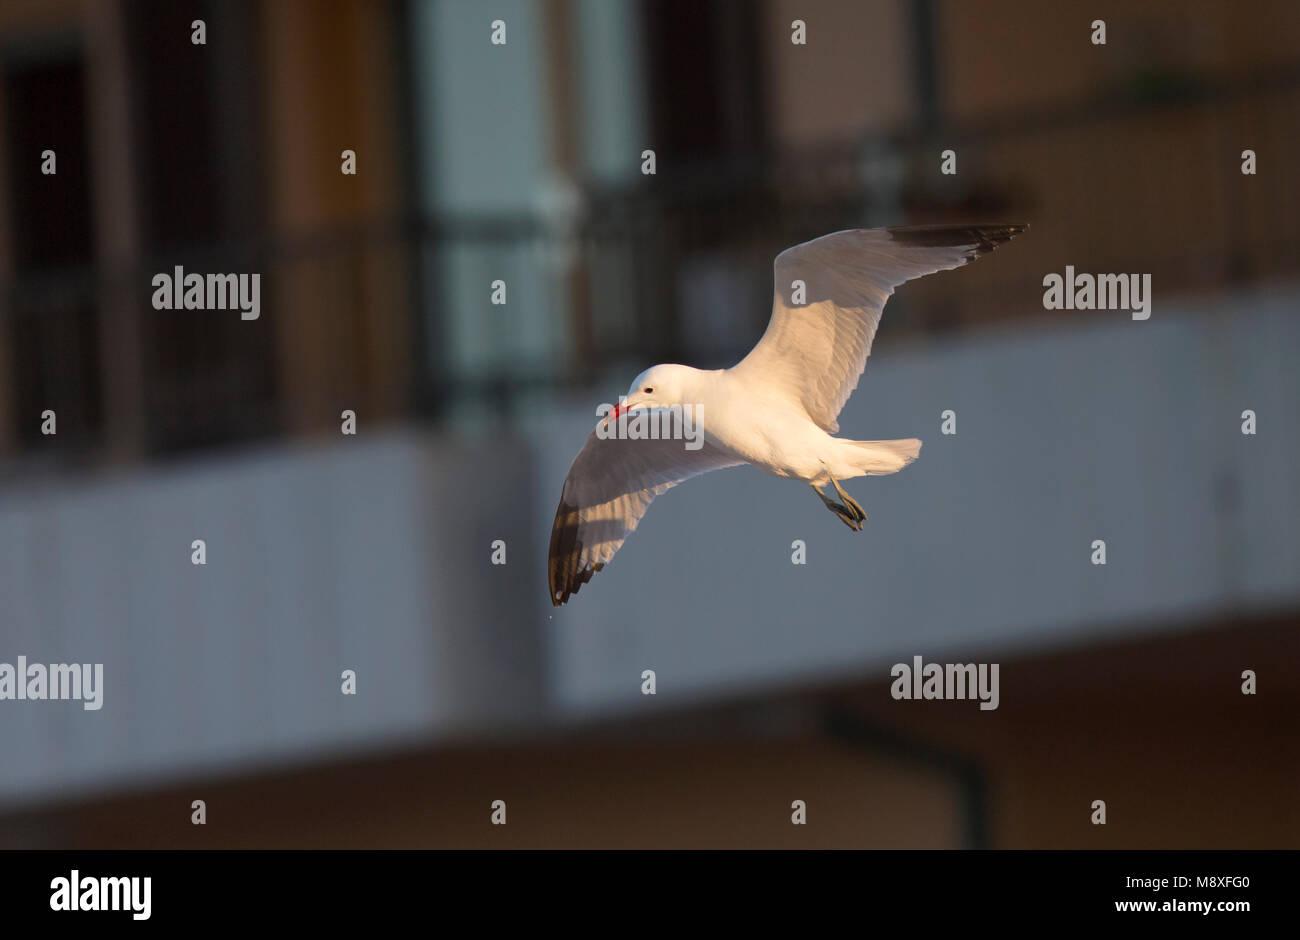 Audouins Meeuw vliegend langs gebouw; Audouin's Gull flying in front of buildings Stock Photo